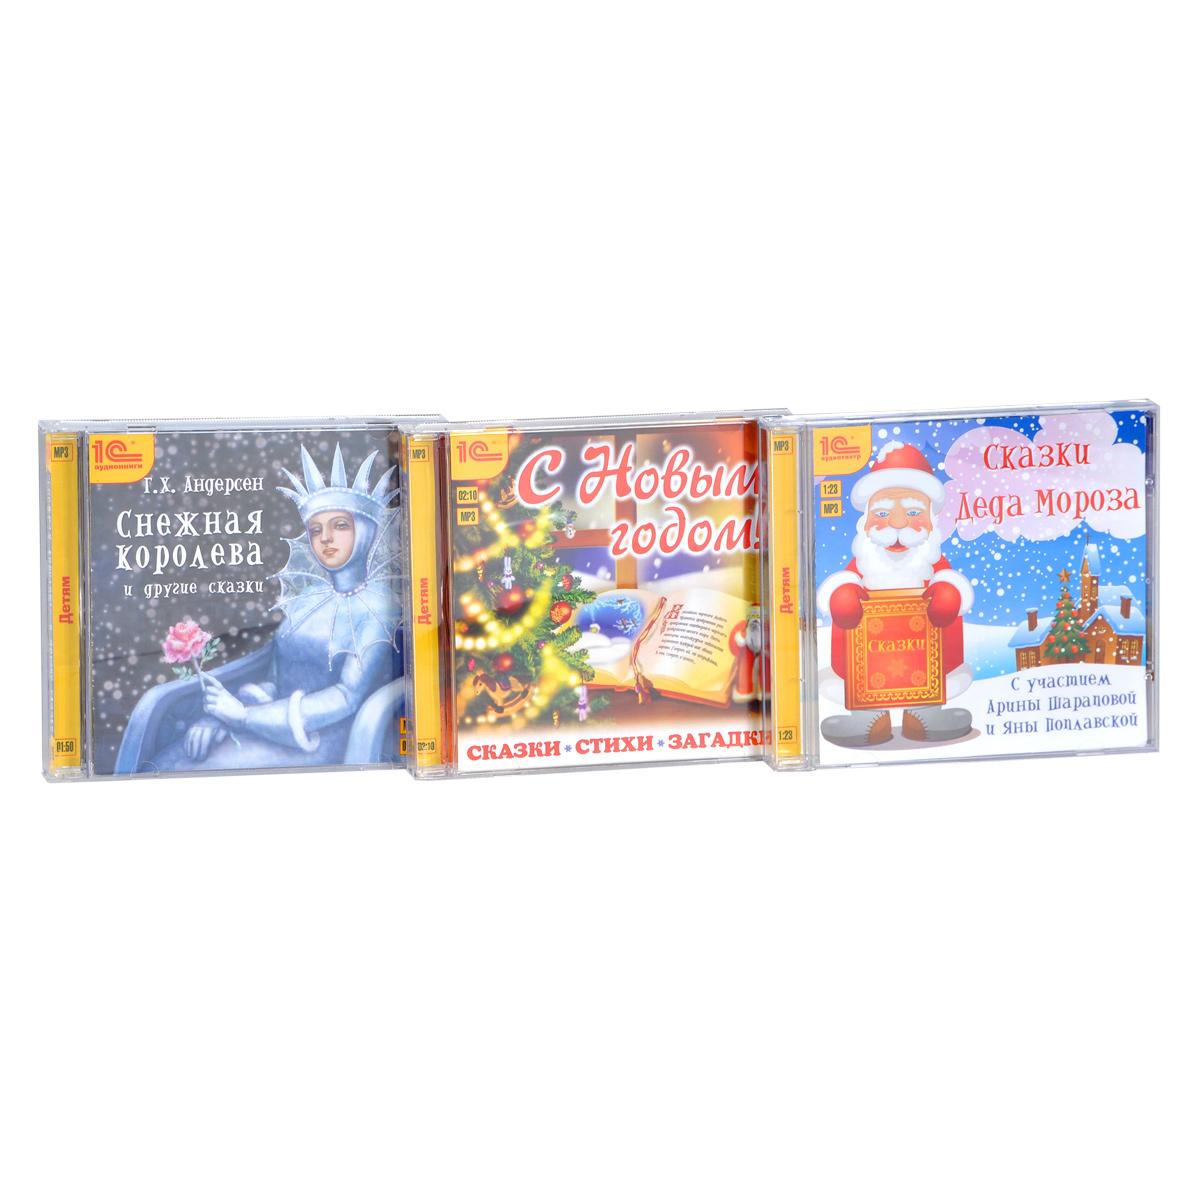 Книга: Подарки от Деда Мороза для мальчика. Купить книгу 53